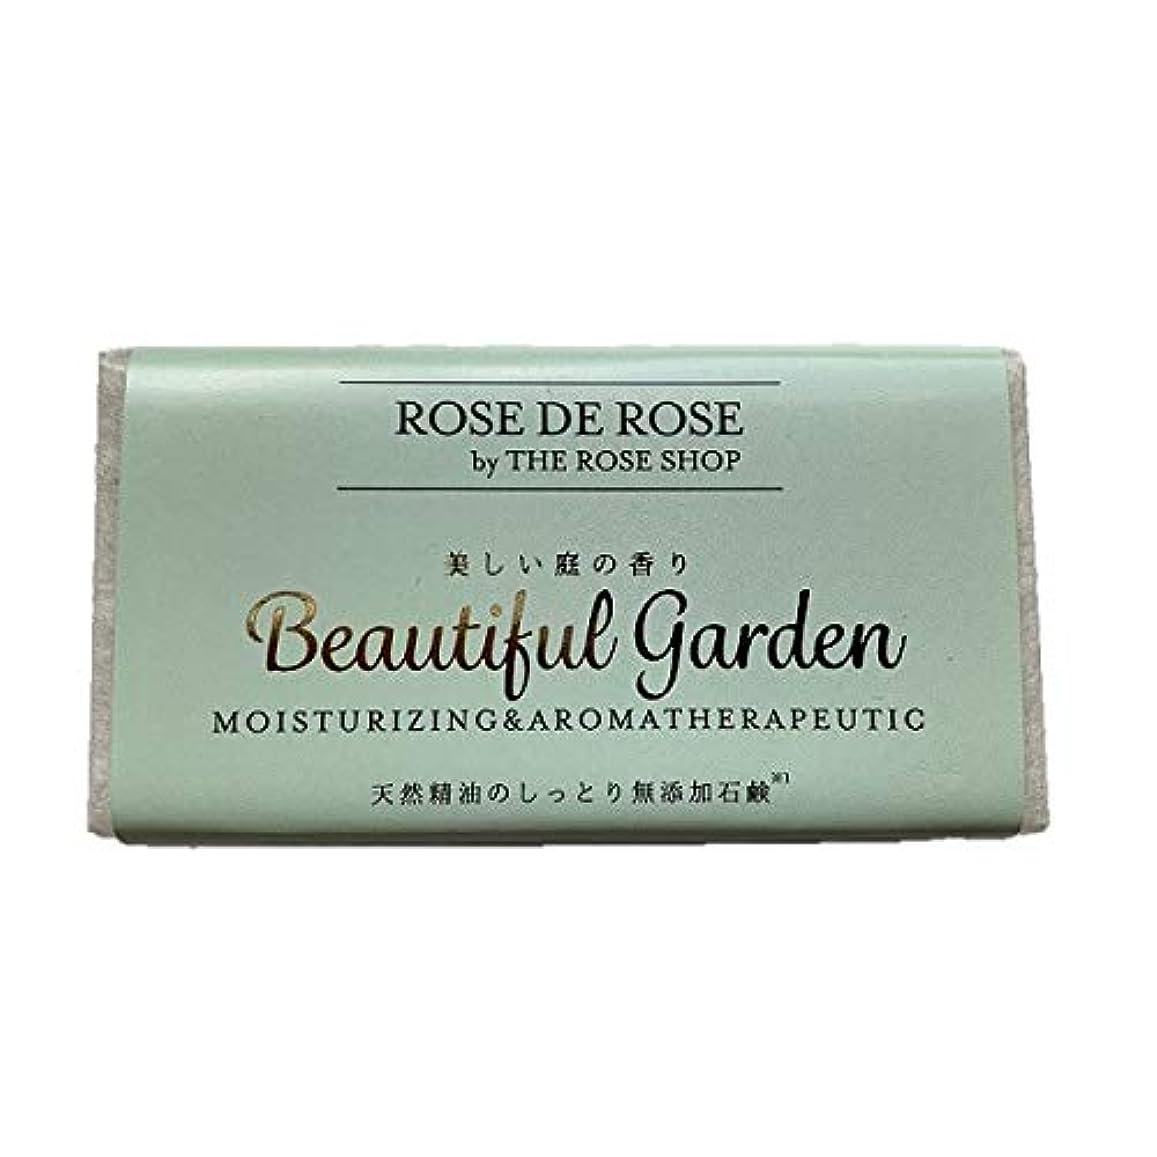 位置づける放送寓話天然精油の無添加石鹸 「美しい庭の香り ビューティフルガーデン」3個セット